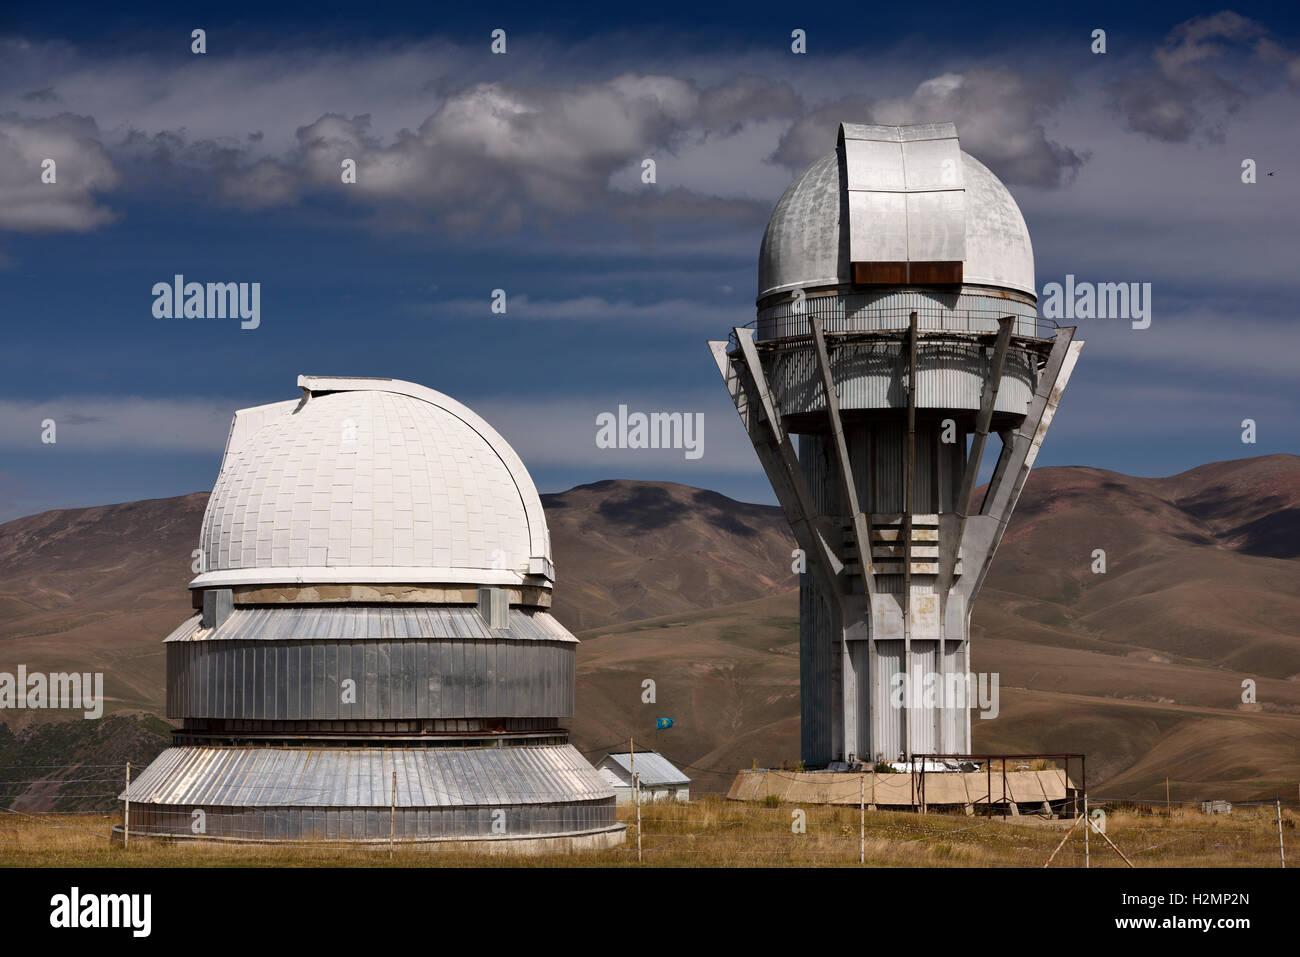 Kpl astronomisches observatorium teleskop türme auf dem berg